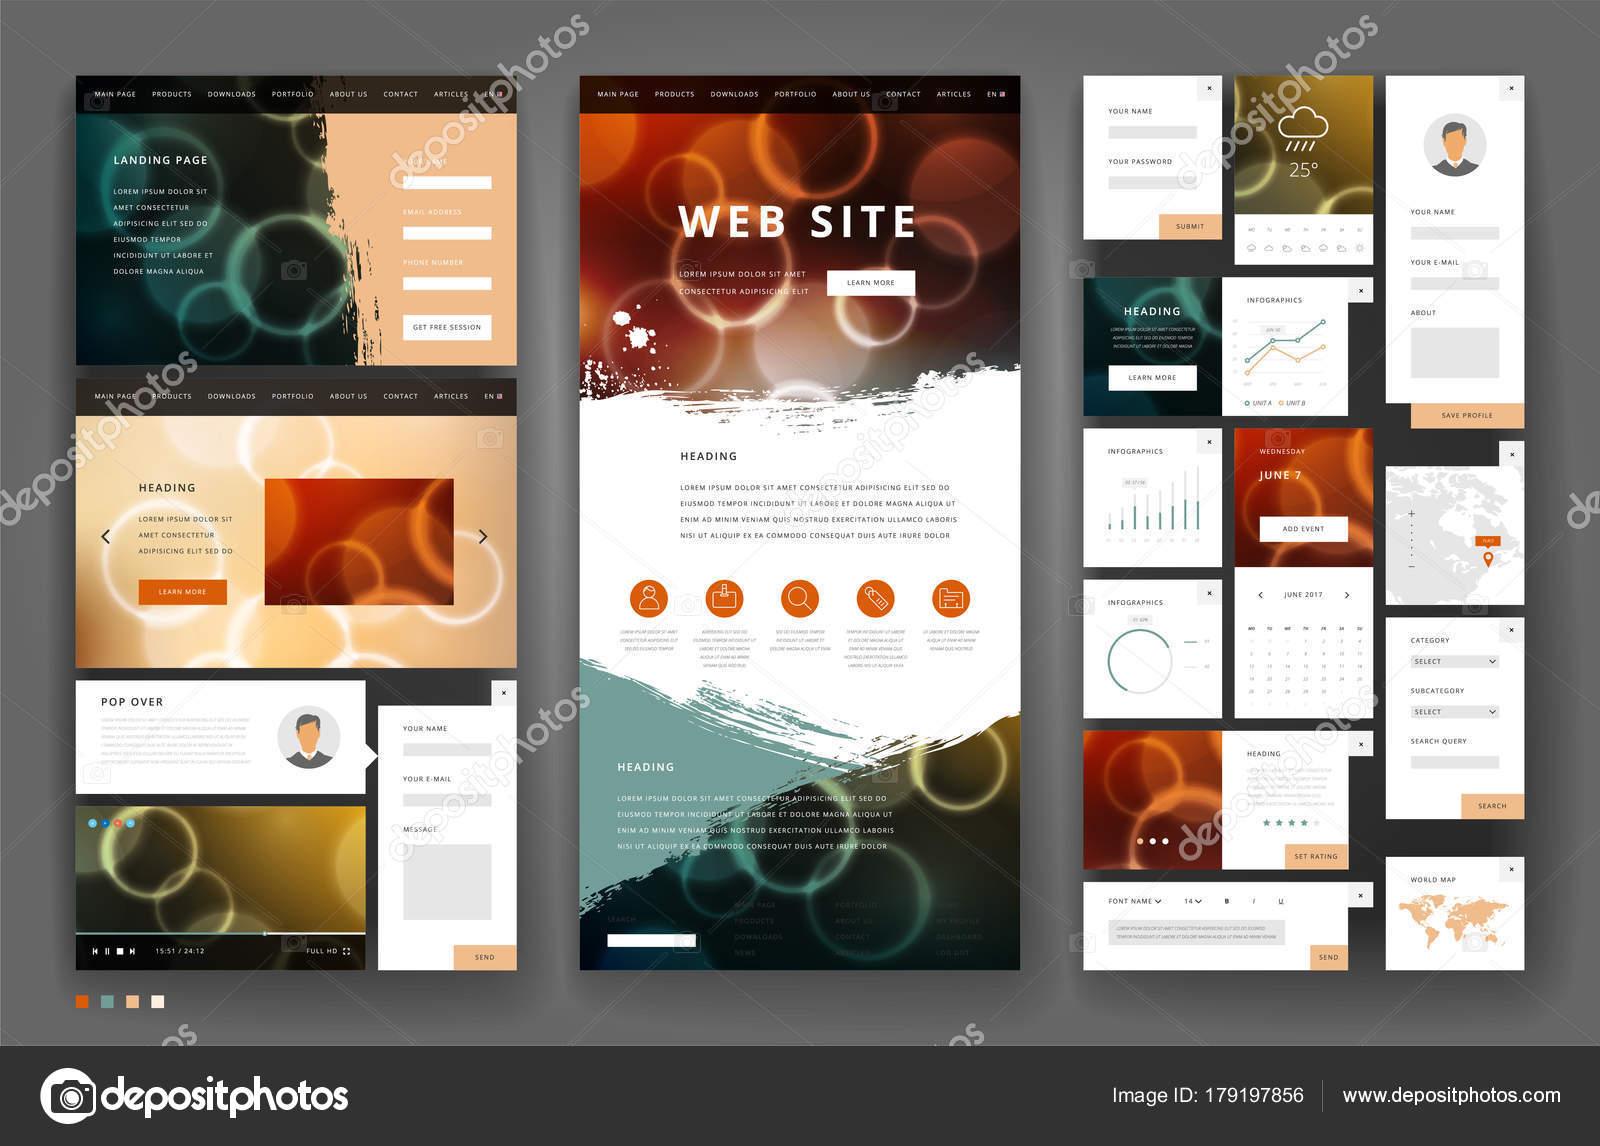 Nett Designvorlagen Für Benutzeroberflächen Bilder - Beispiel ...